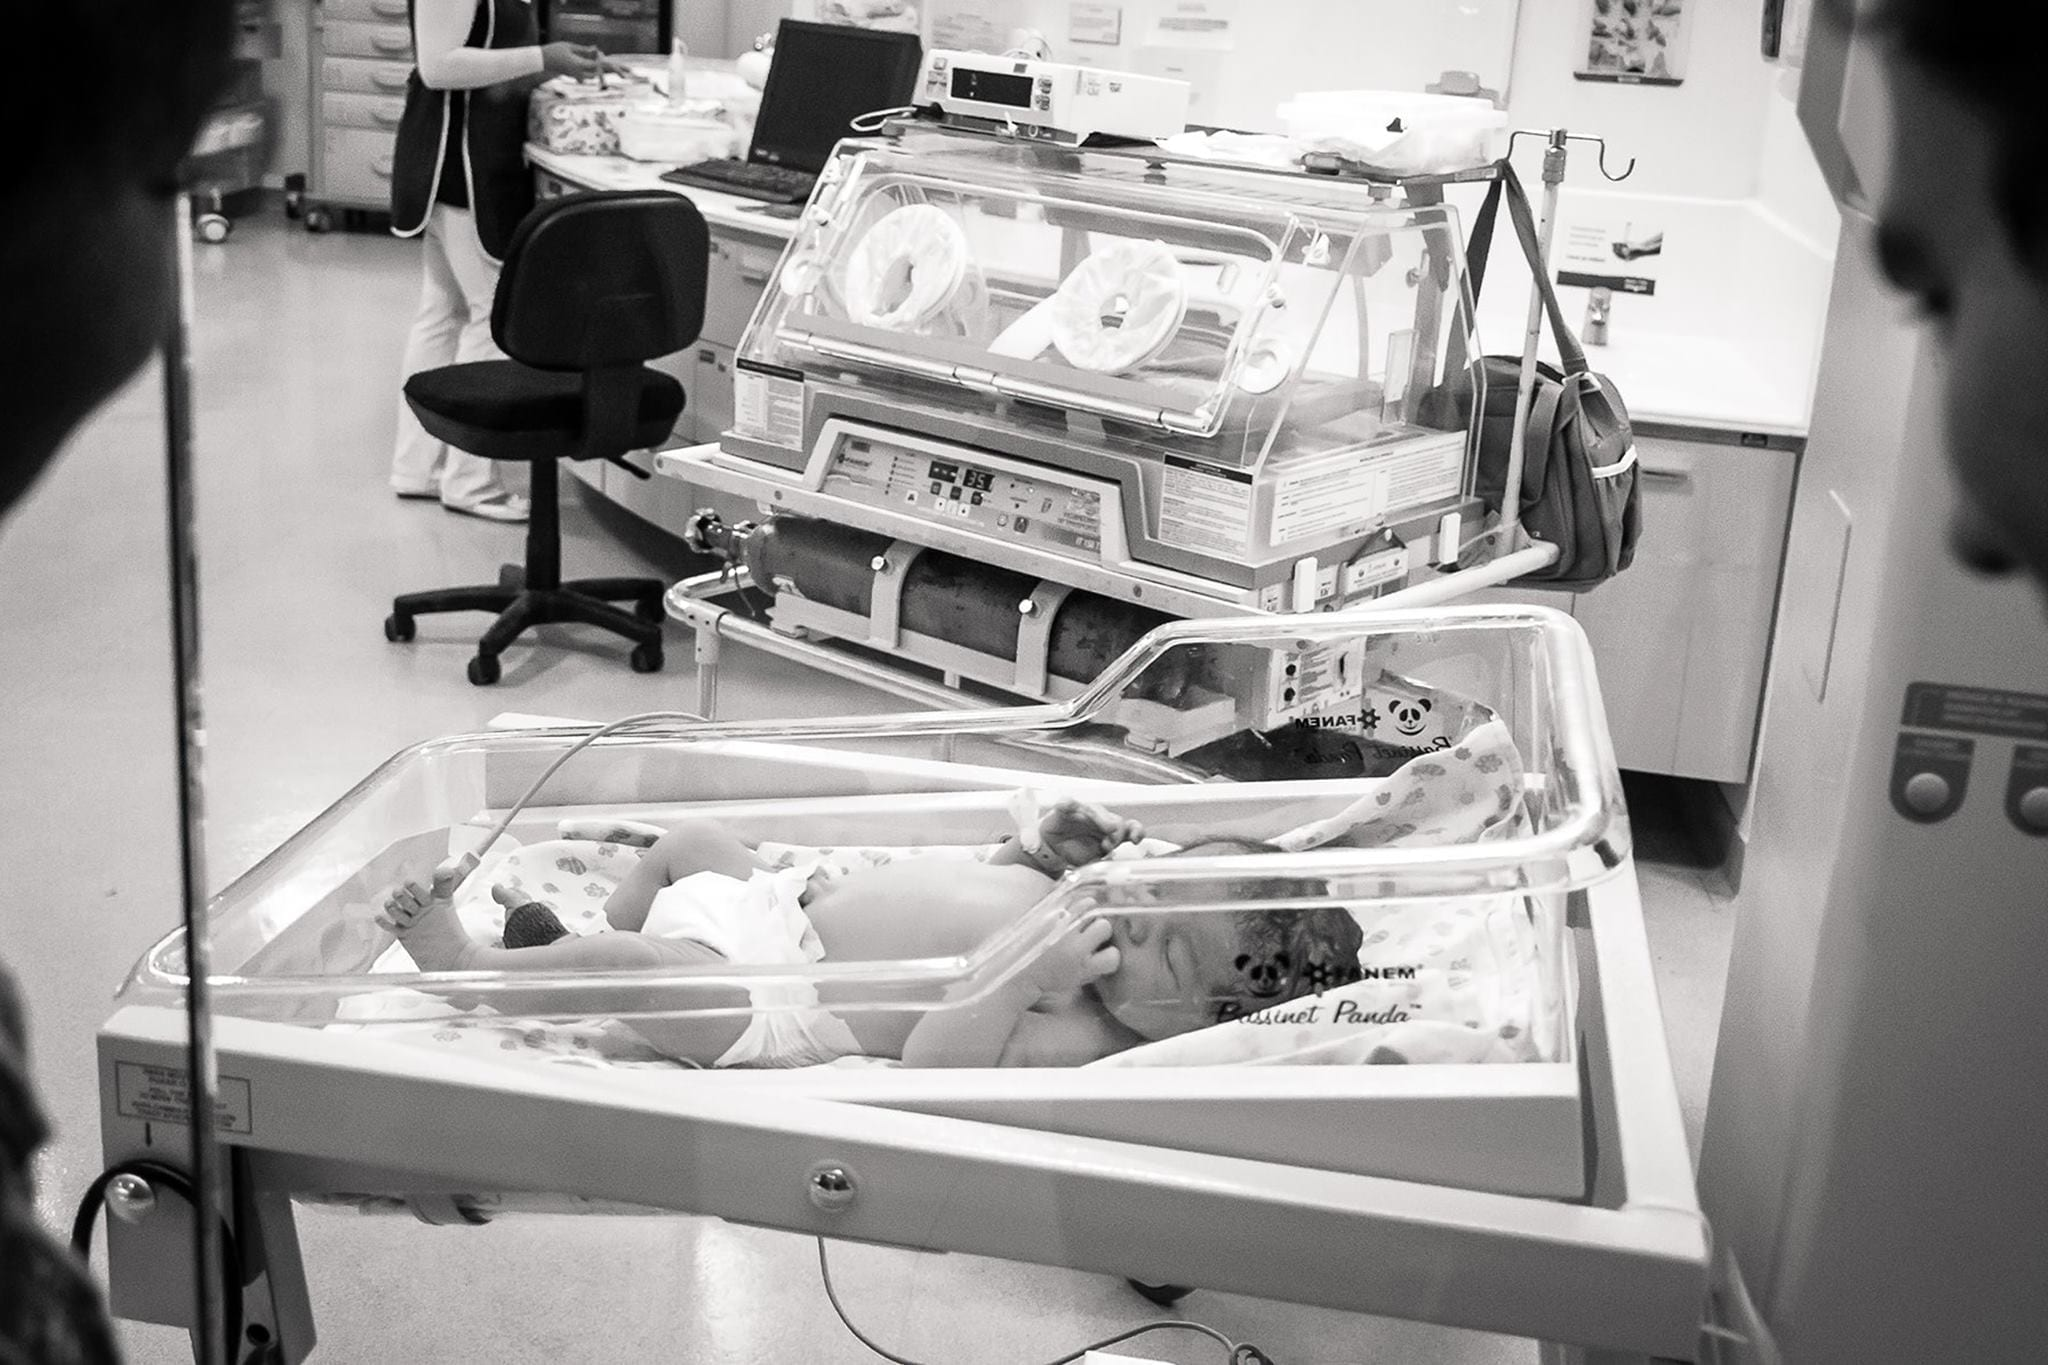 Bebê em observação no berçário da maternidade (Foto: Bia Fotografia)